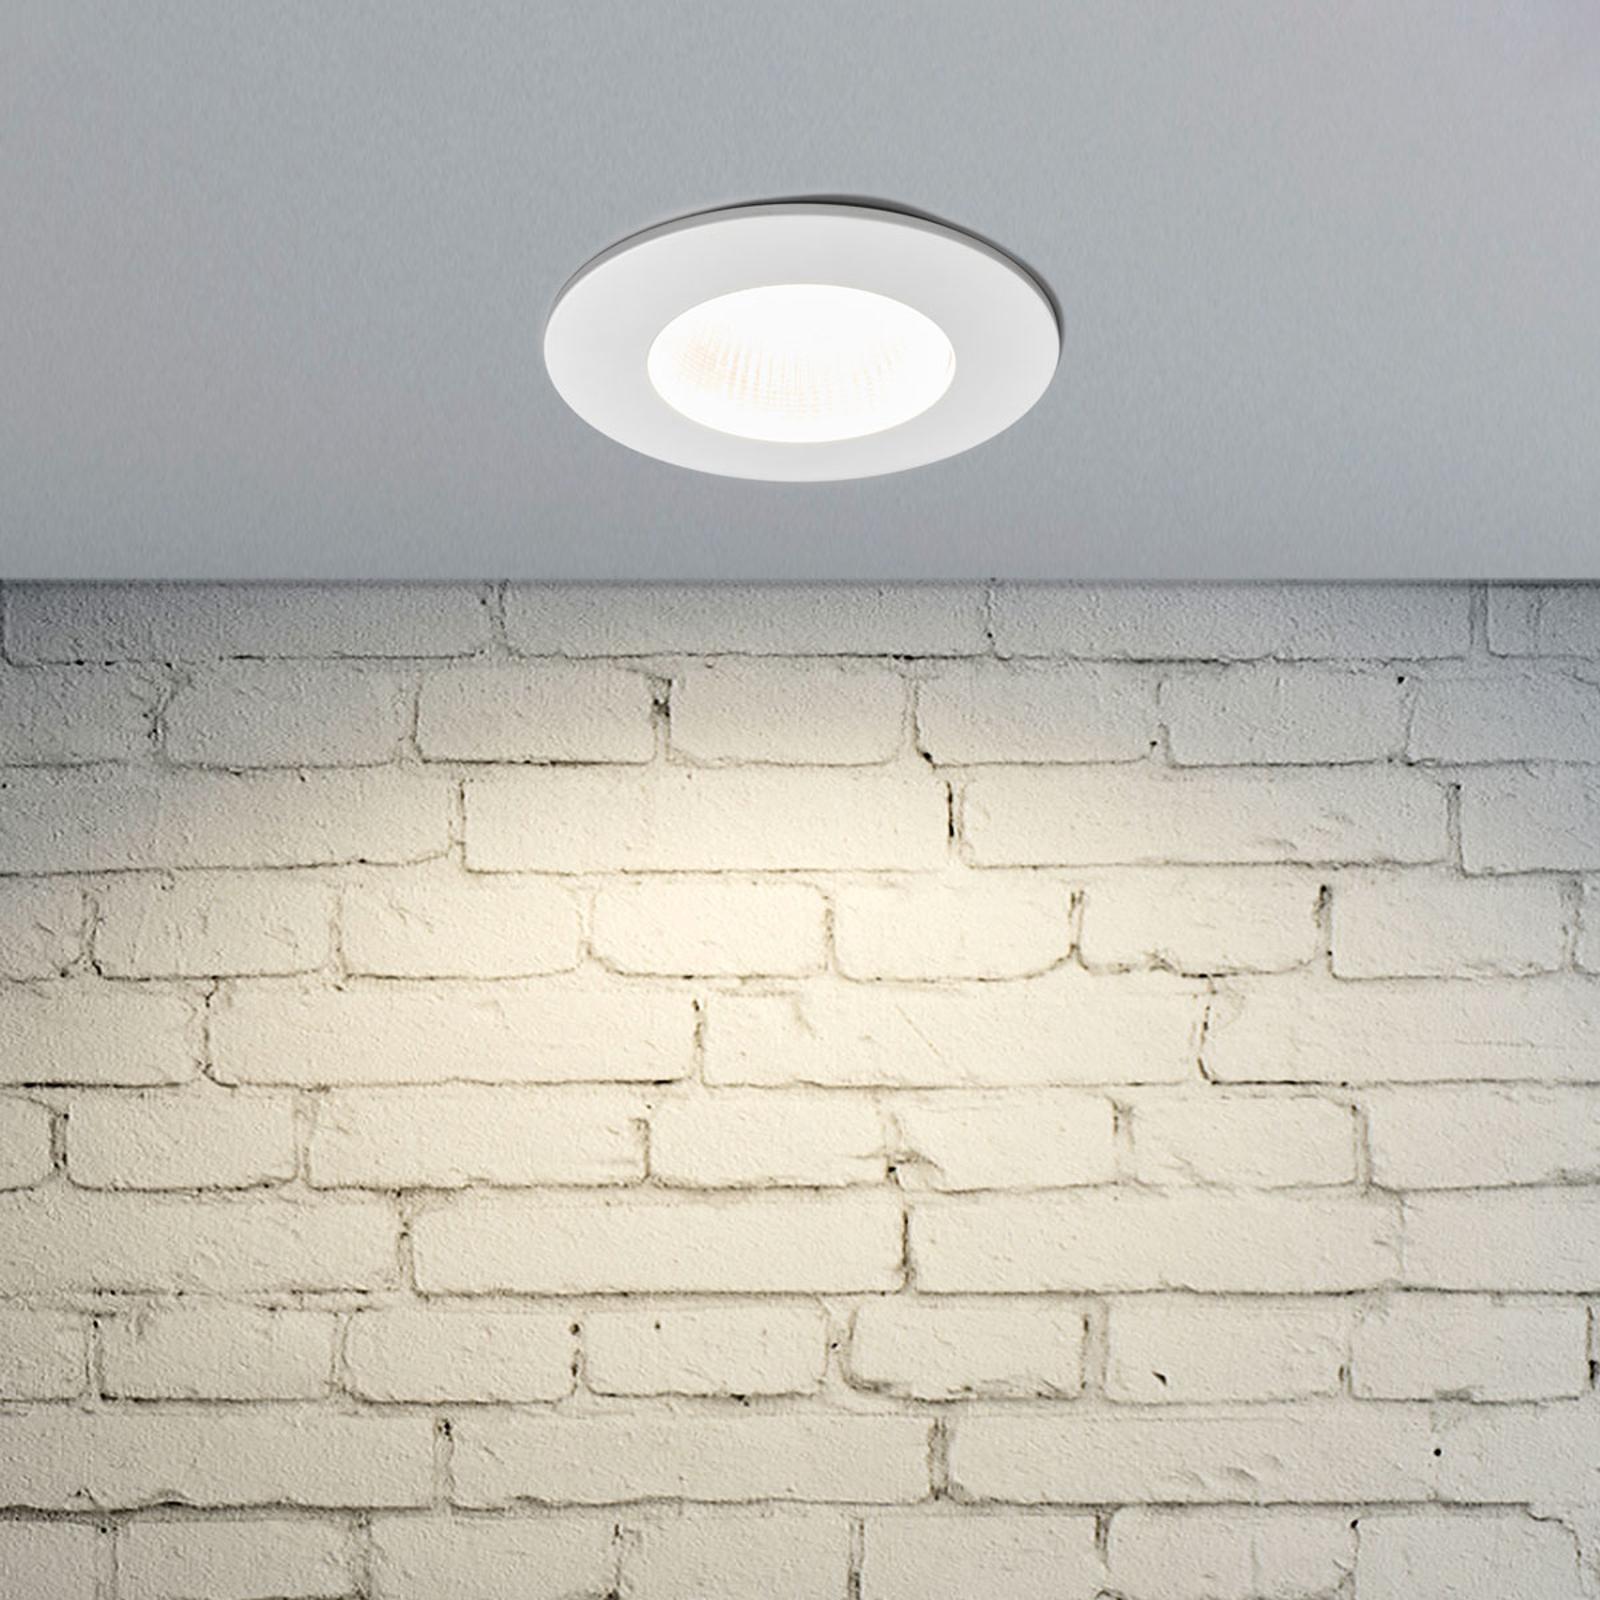 LED-kohdevalaisin Kamilla, valkoinen, IP65, 11 W